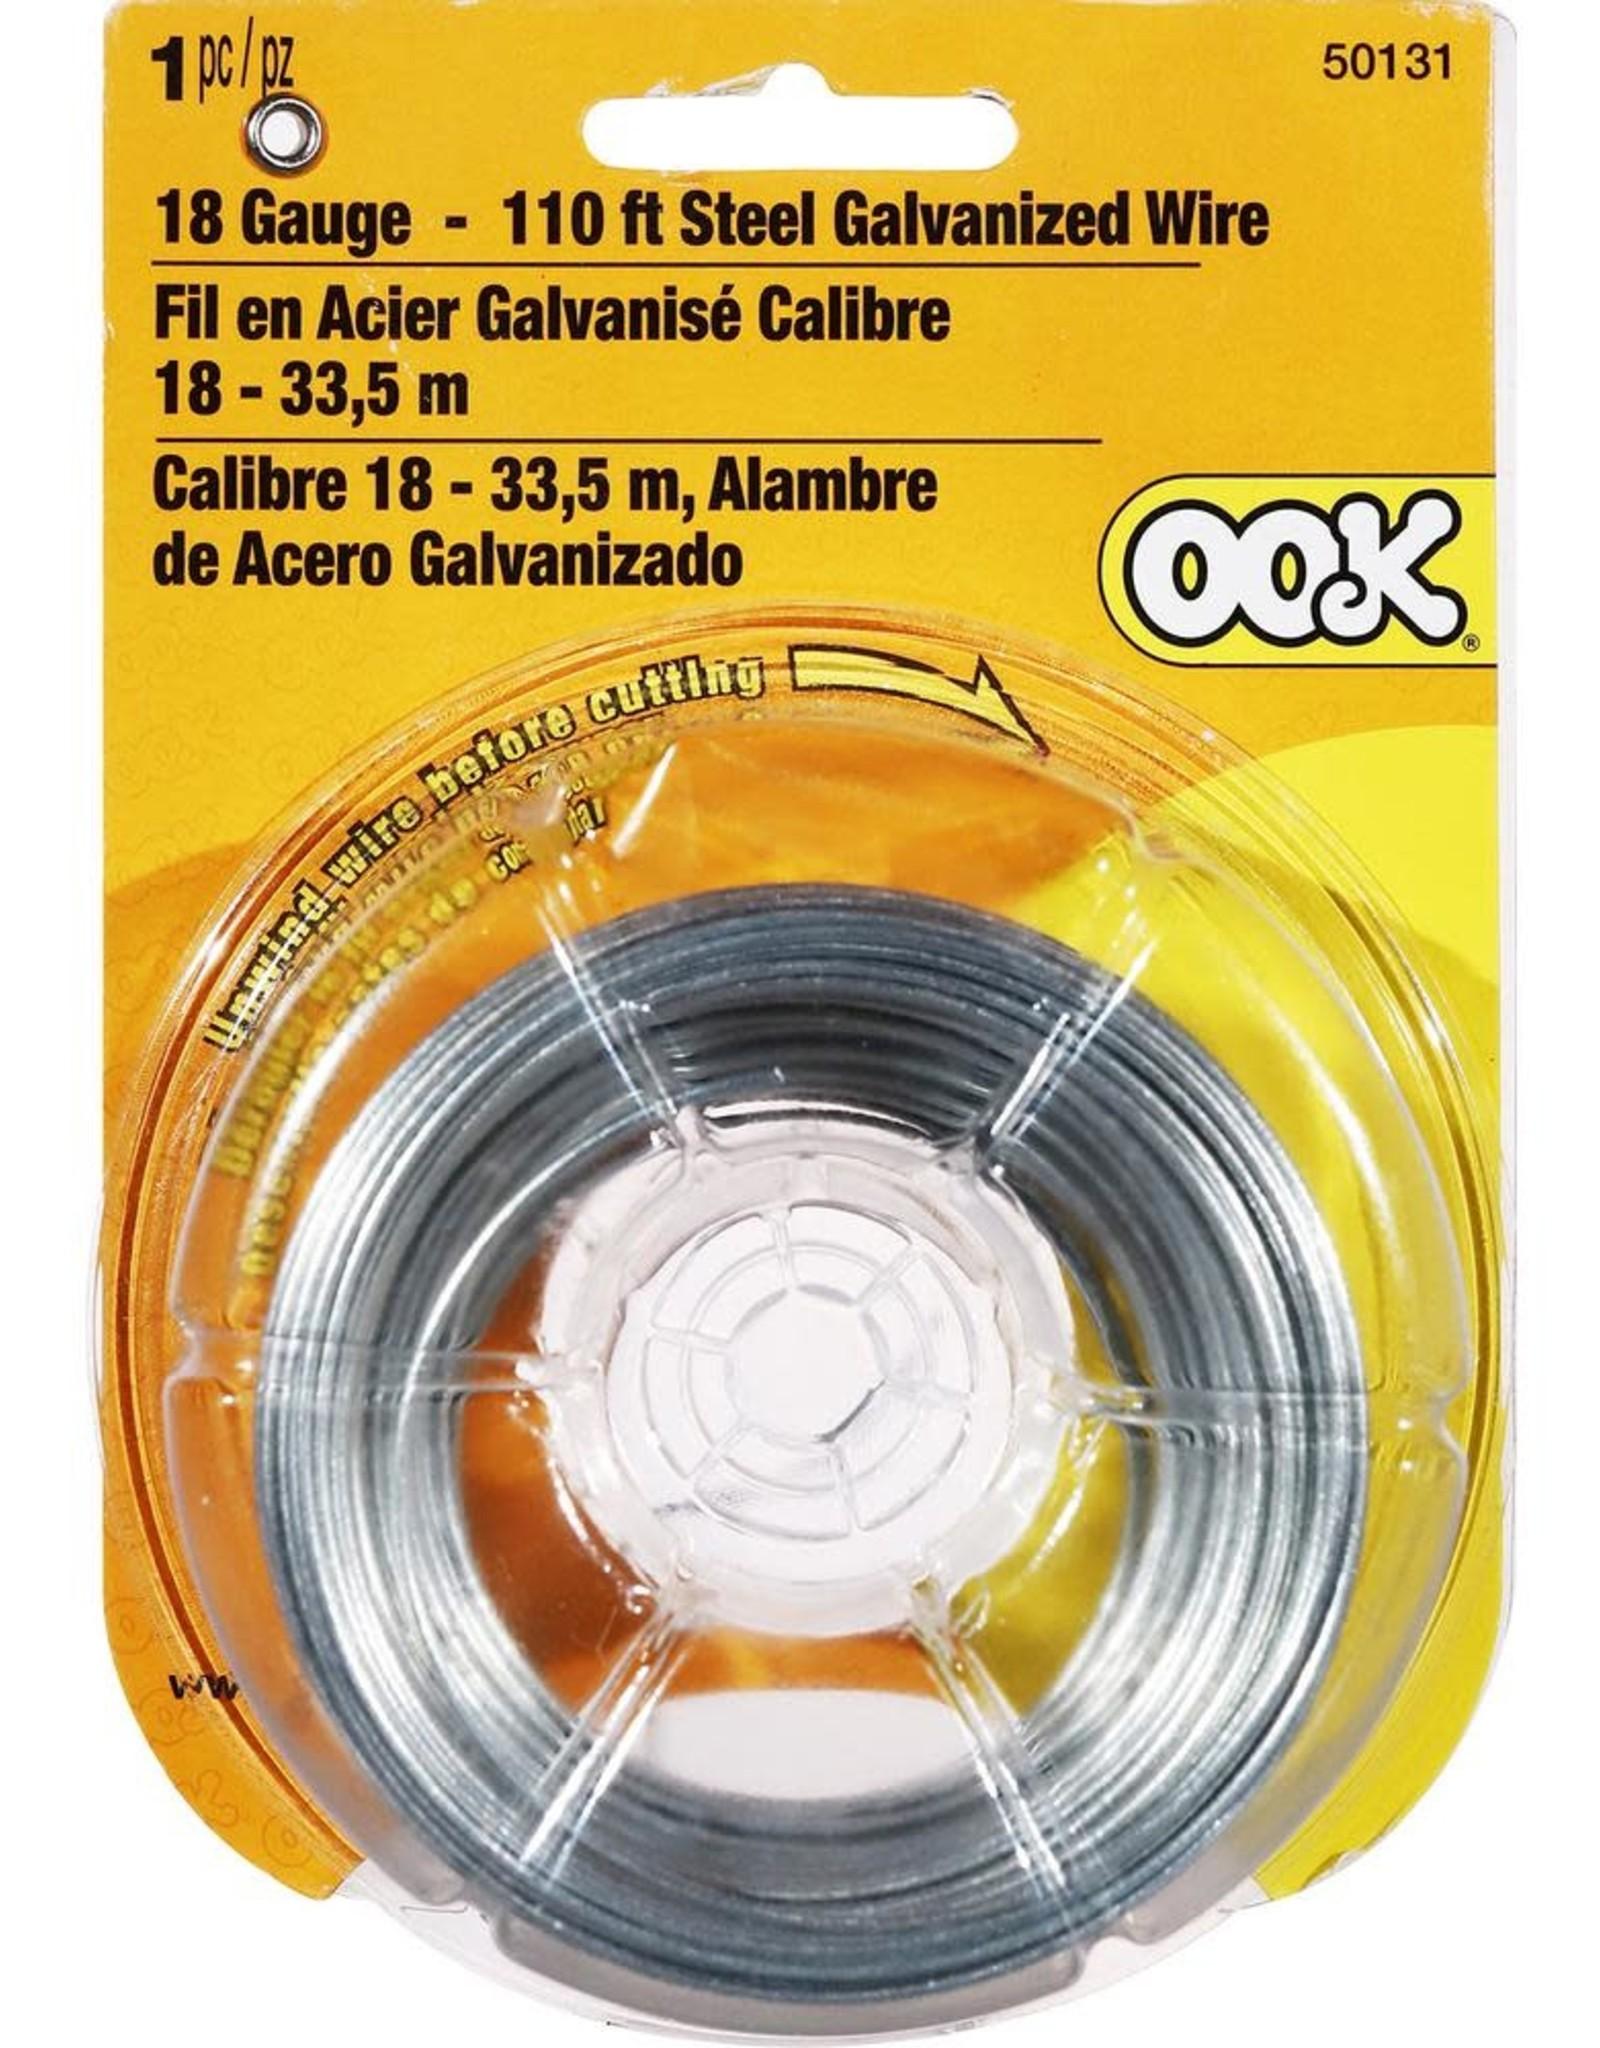 Ook Galvanized Wire 110 ft. 18 gauge